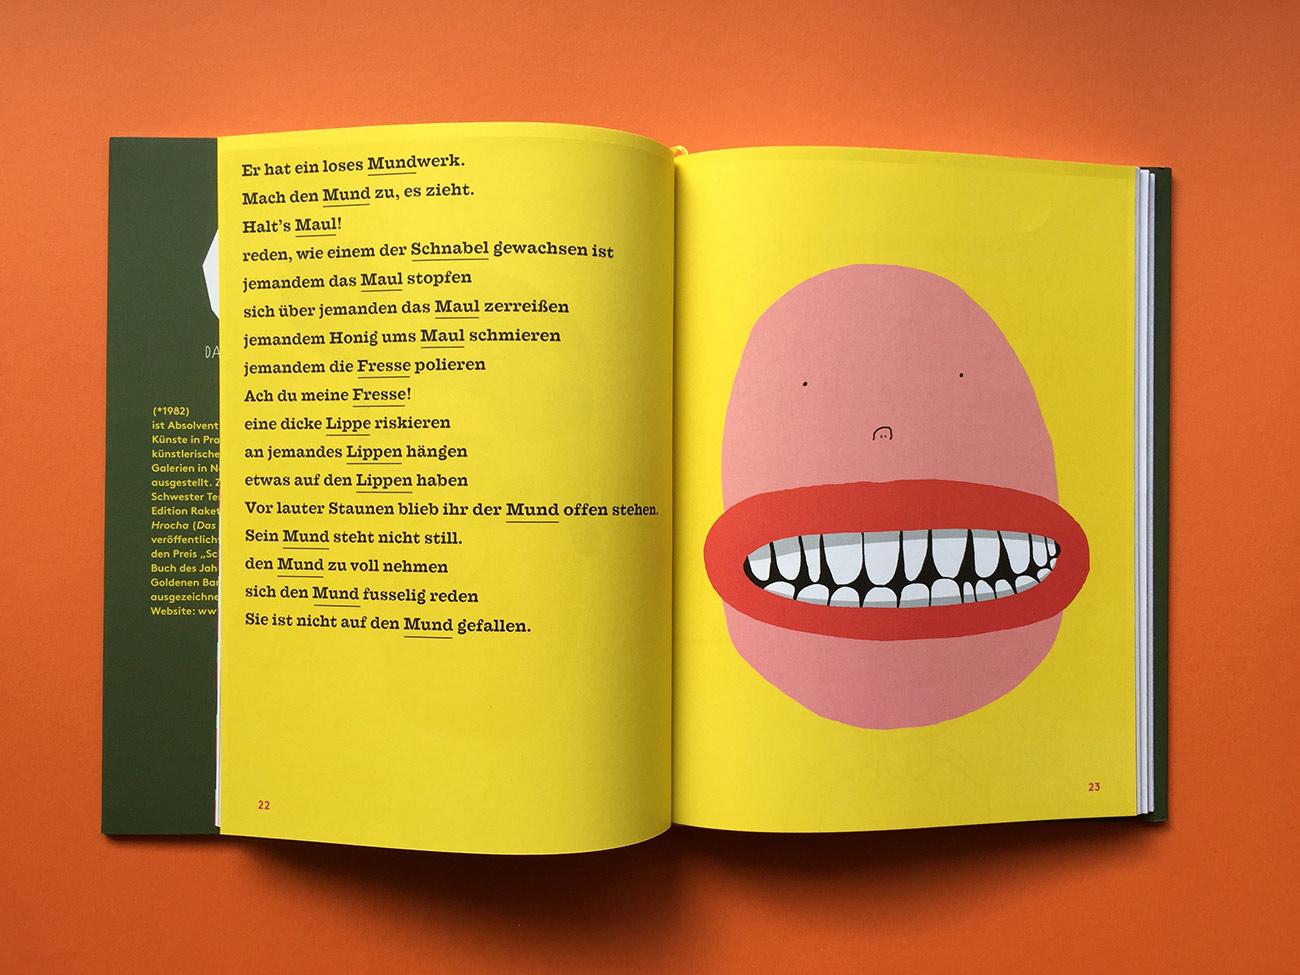 David Böhm und Ondřej Buddeus: Kopf im Kopf, erschienen im Karl Rauch Verlag